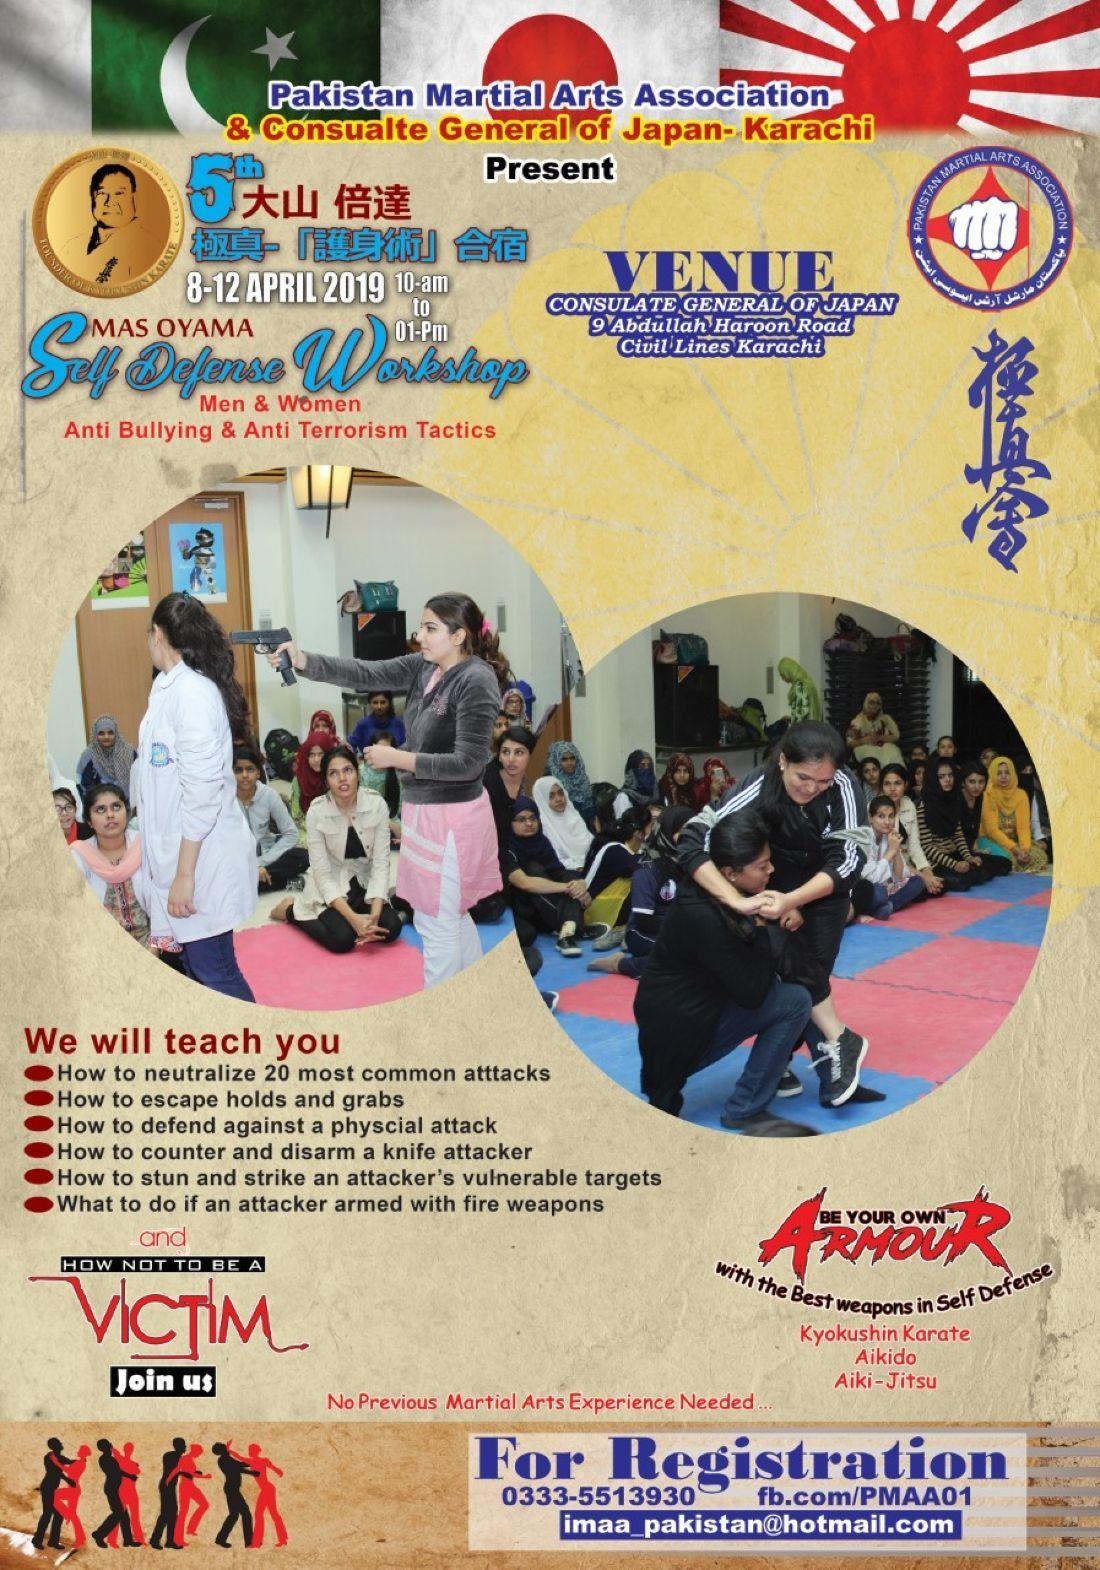 MAS OYAMA Self Defense Workshop2019